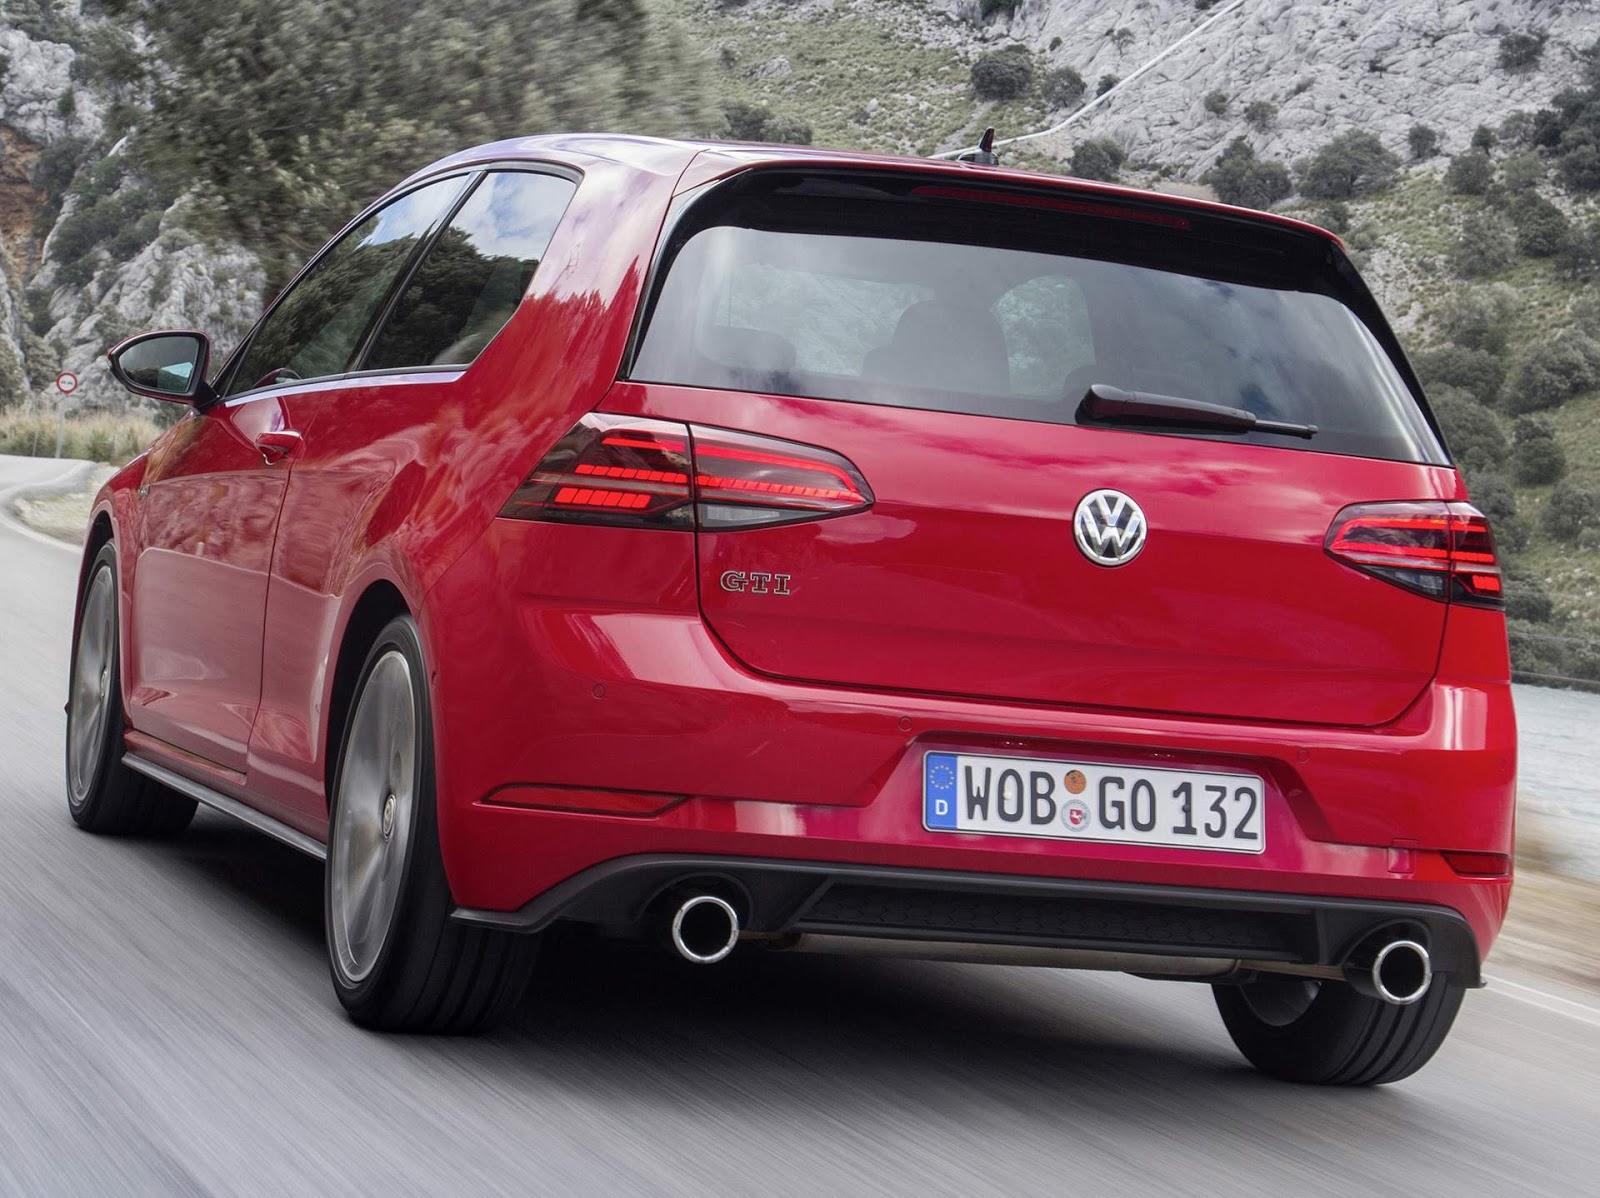 Vw Golf Gti Performance 2017 >> Novo VW Golf GTI Performance 2018: fotos, detalhes e preço | Motor Vício